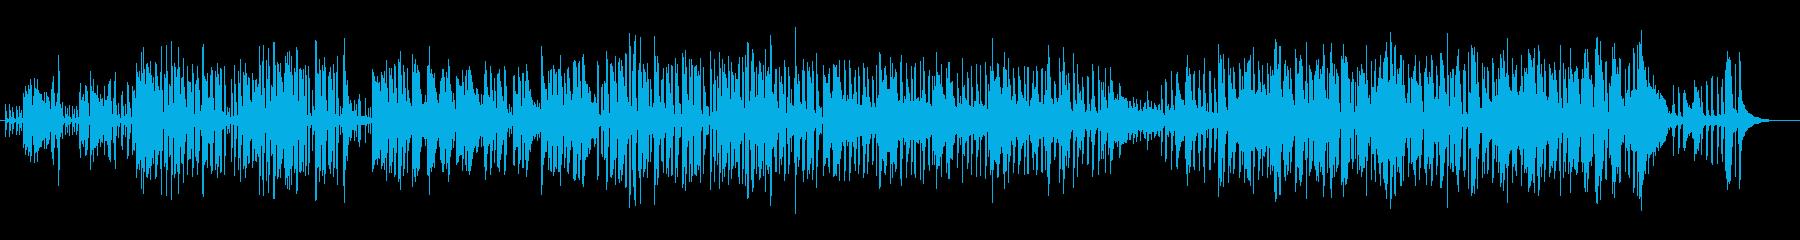 おしゃれで明るいシンセピアノサウンドの再生済みの波形